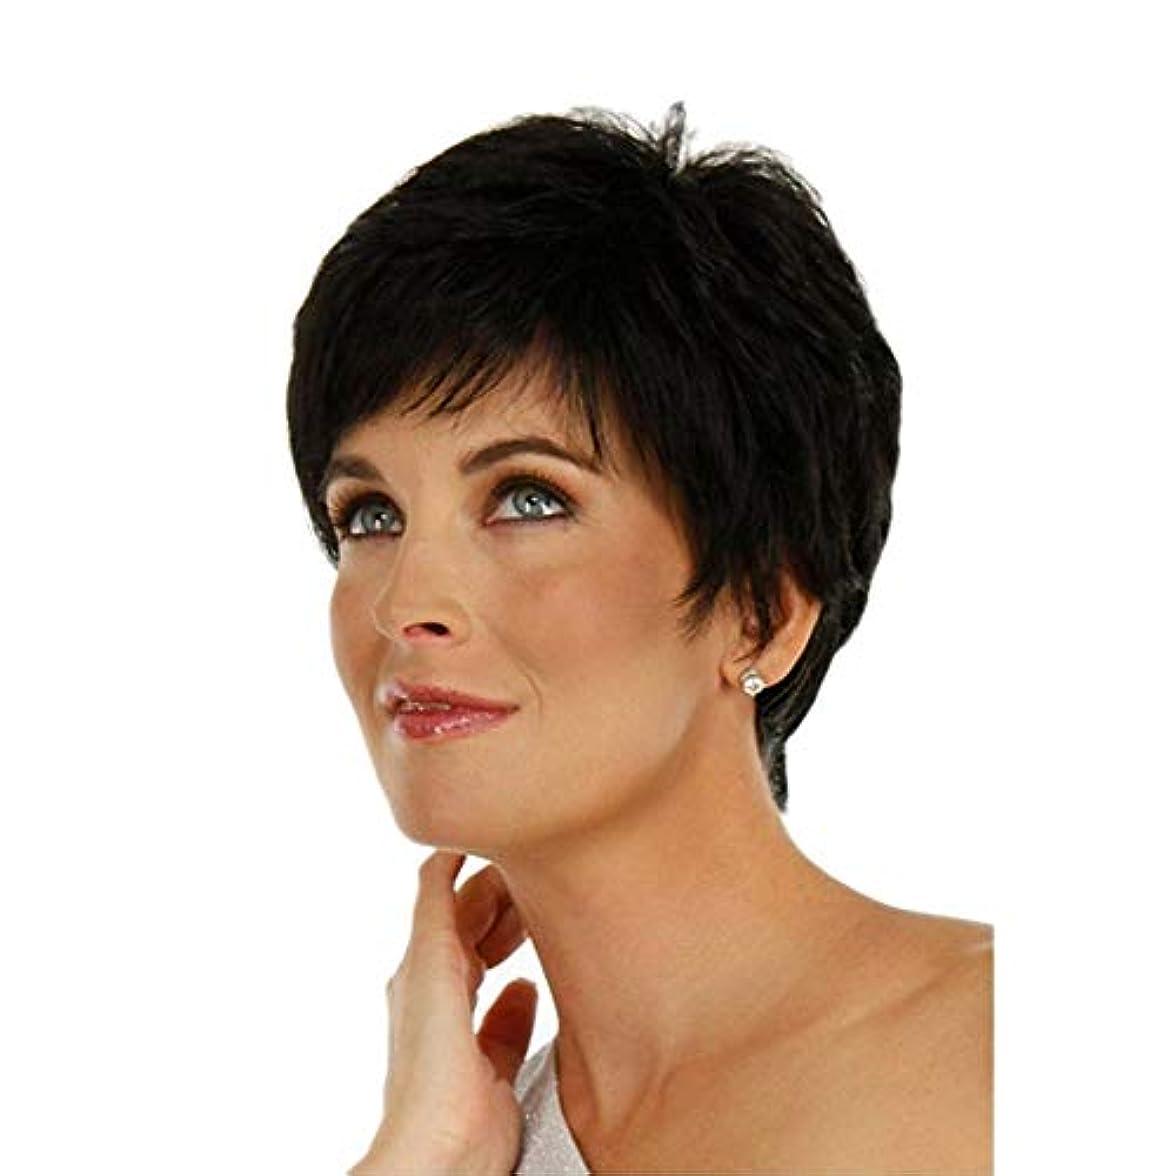 マイク法医学オゾンWASAIO ショートボブウィッグウィメンズブラックショートストレートヘア (色 : 黒)